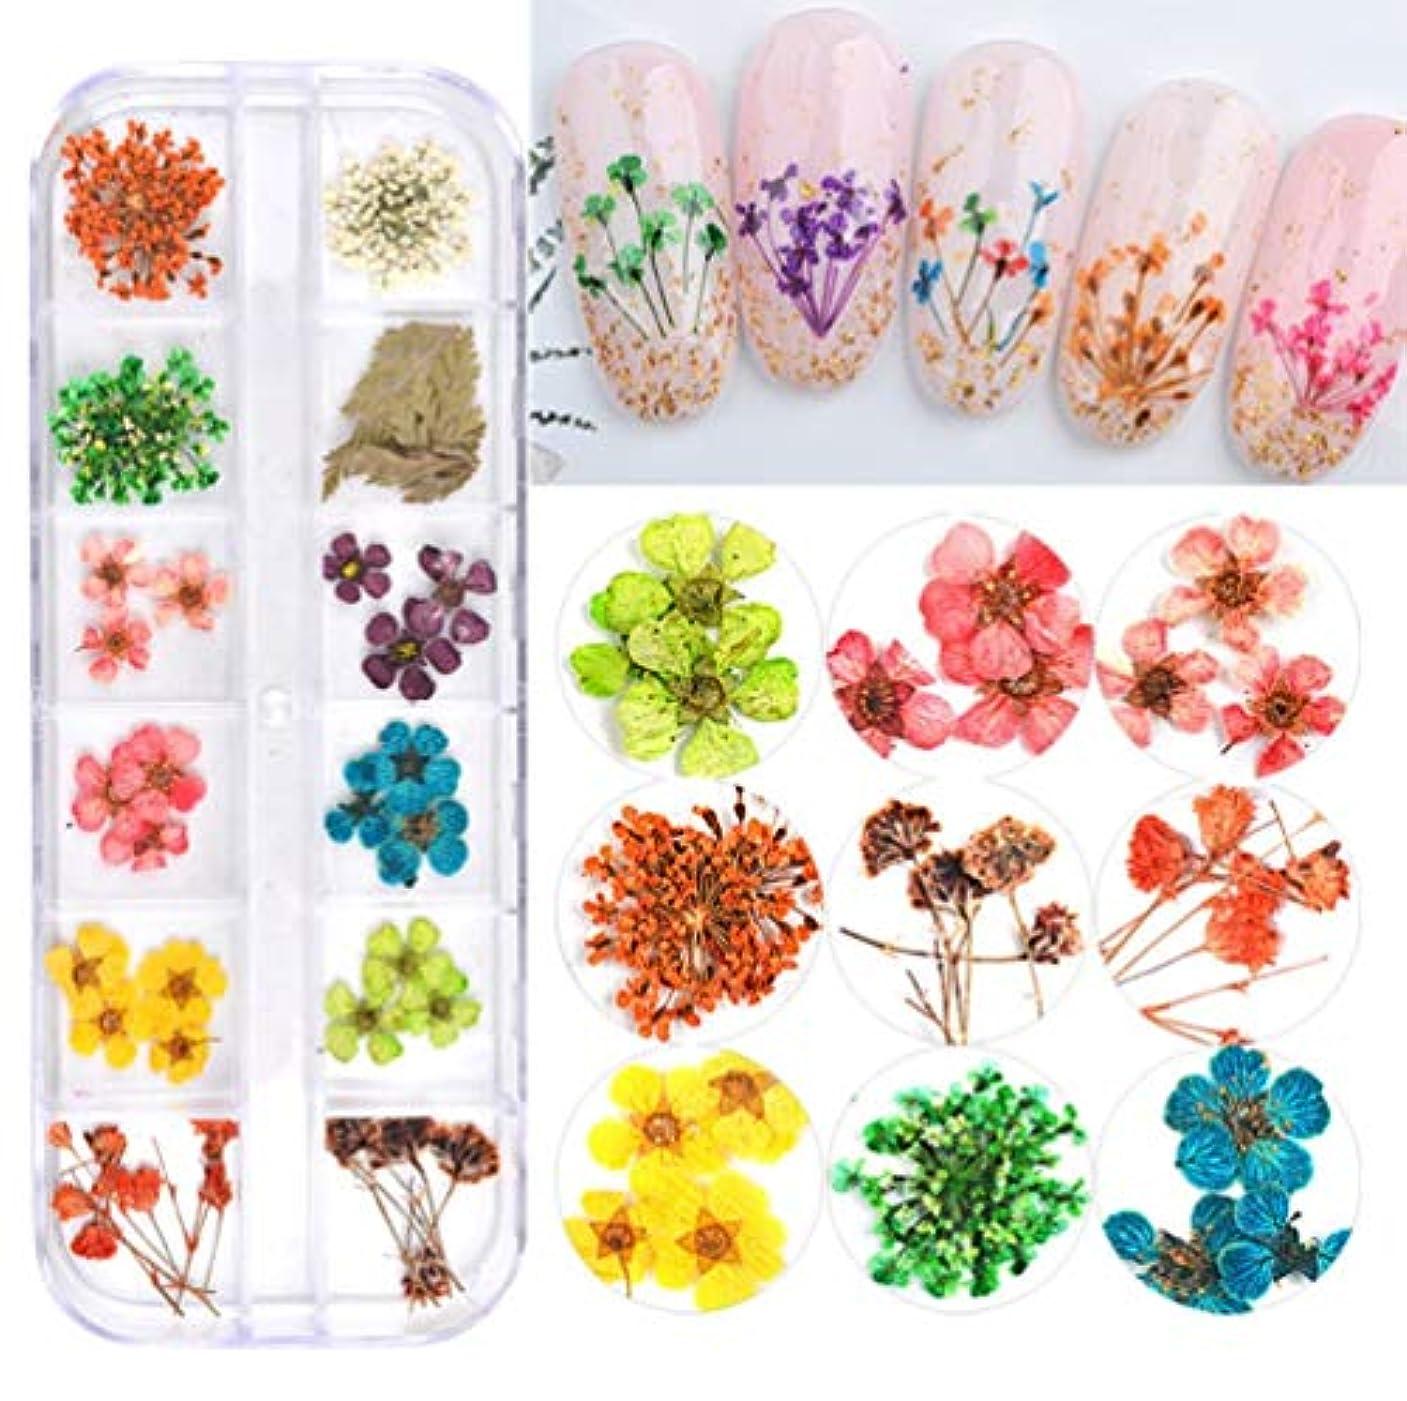 数学安息知る1ボックス ドライフラワー レースのような柄 天然の押し花 12色 ジェルネイル用 デコ 素材 ネイルパーツ